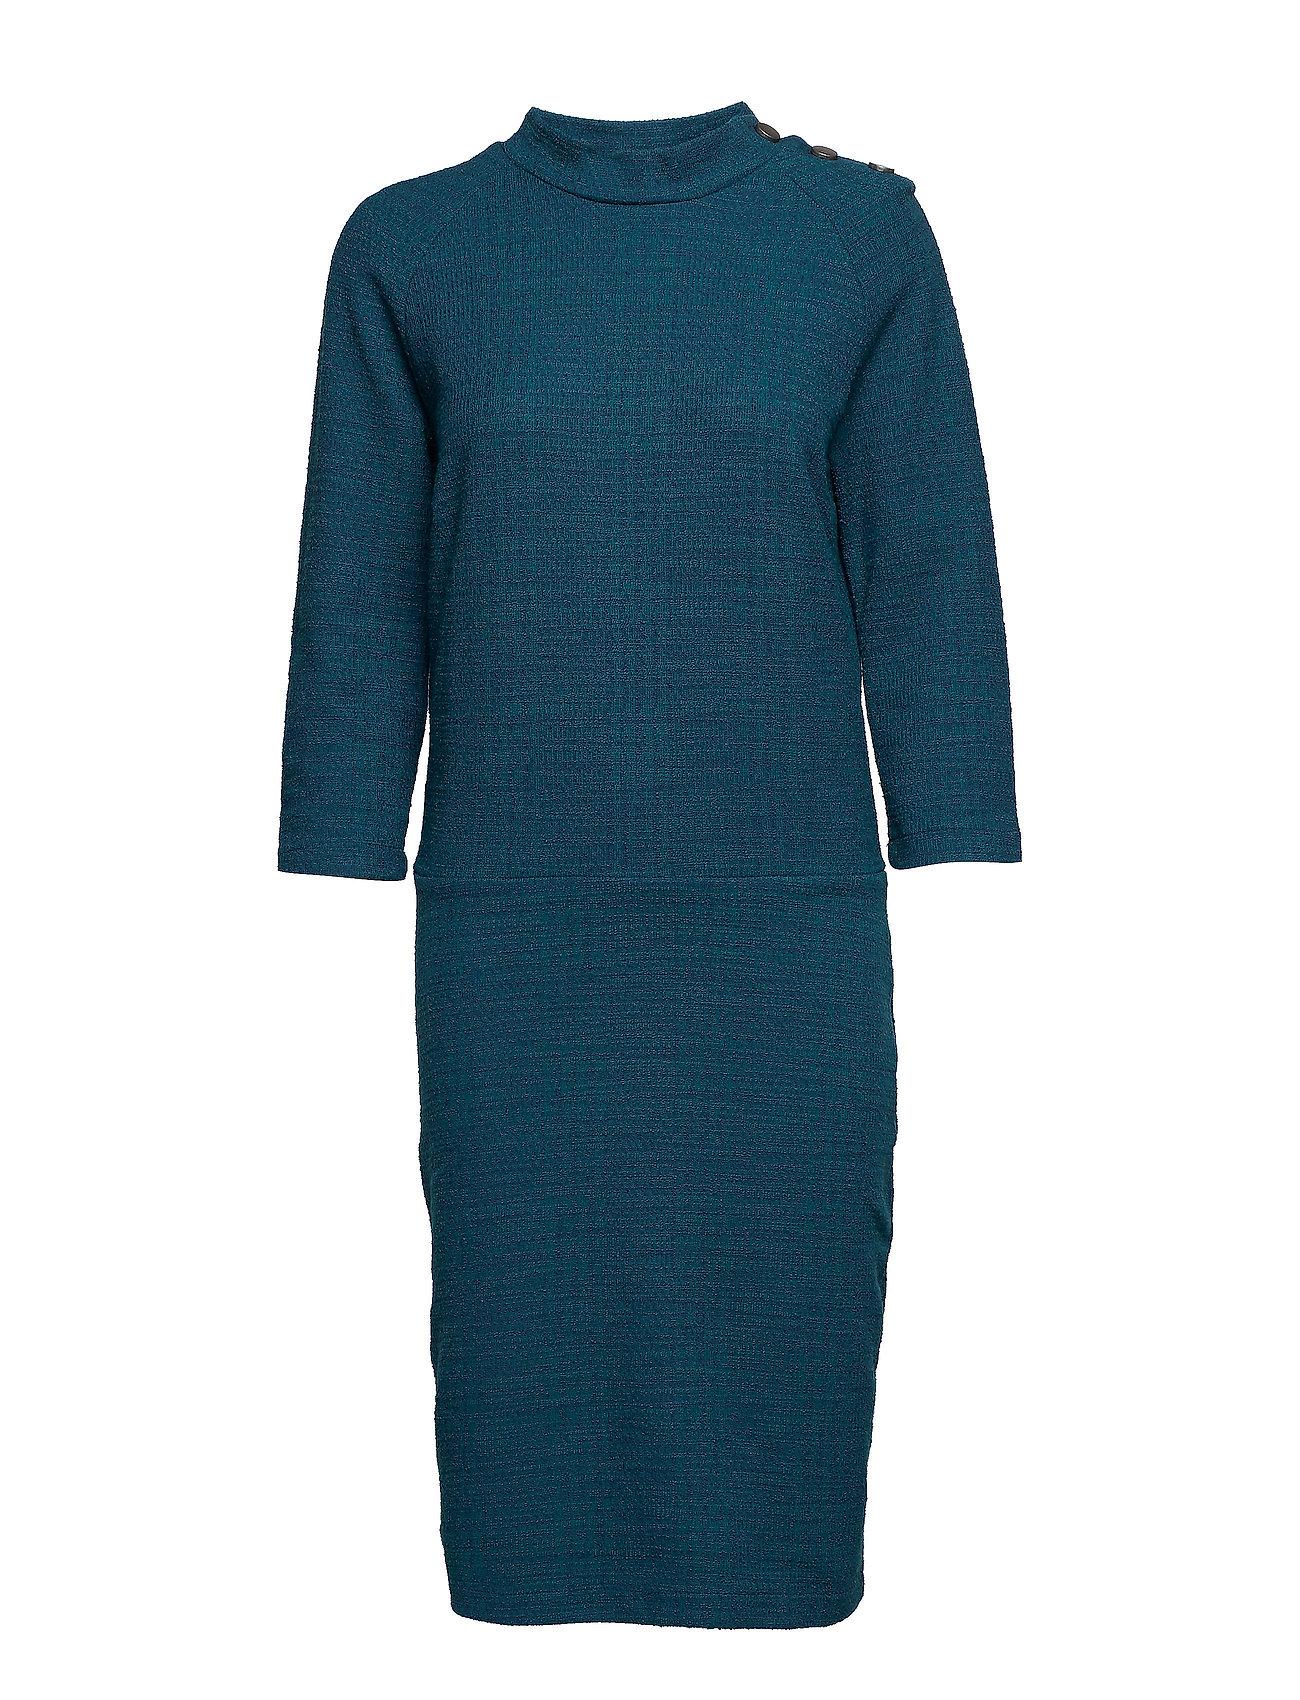 Image of Tiga Dress Knælang Kjole Blå MINUS (3067507201)